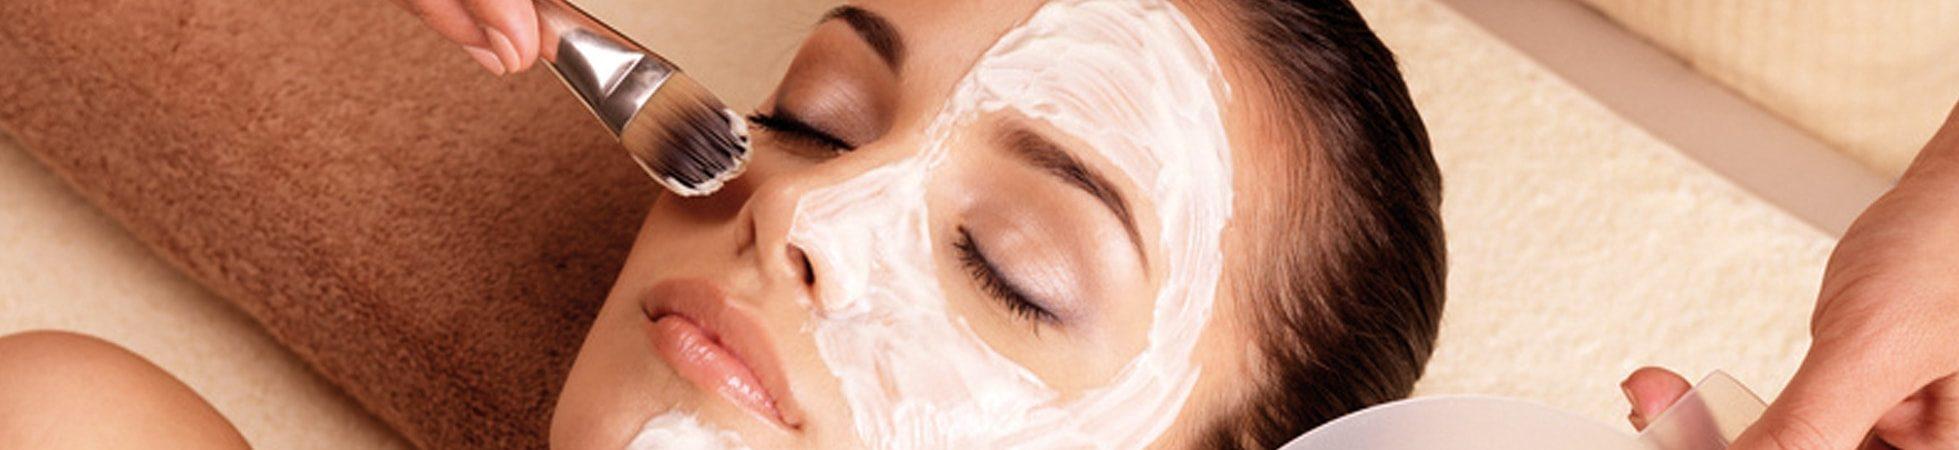 kosmetische-behandlung-bad-saulgau